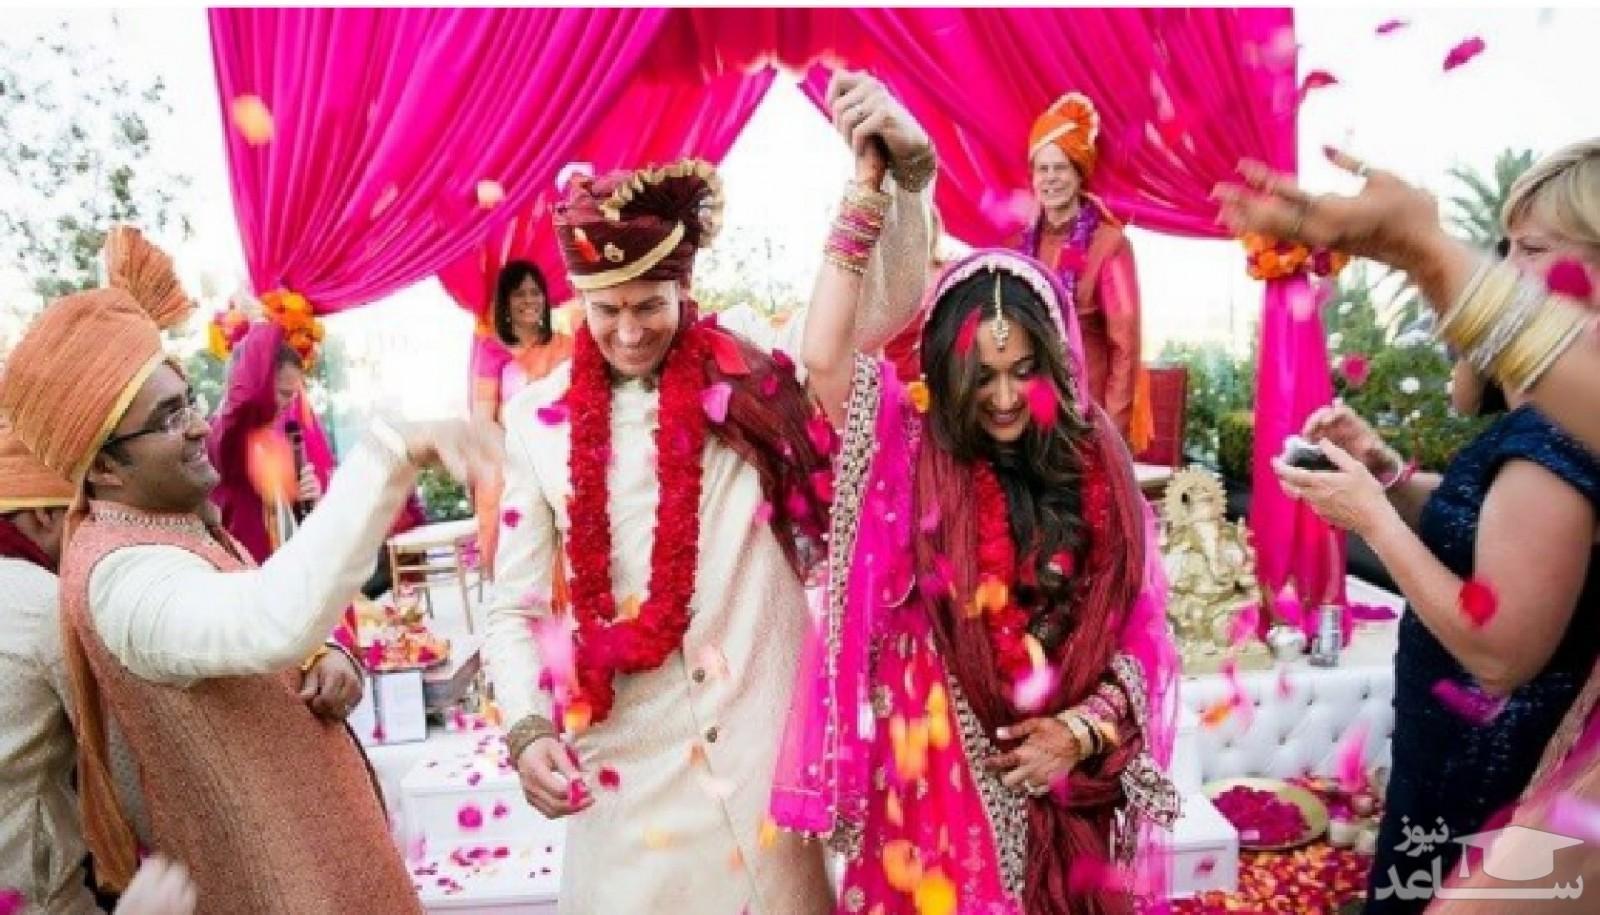 شیرجه ساقدوشان به روی سفره عقد مراسم عروسی را به هم ریخت! + فیلم